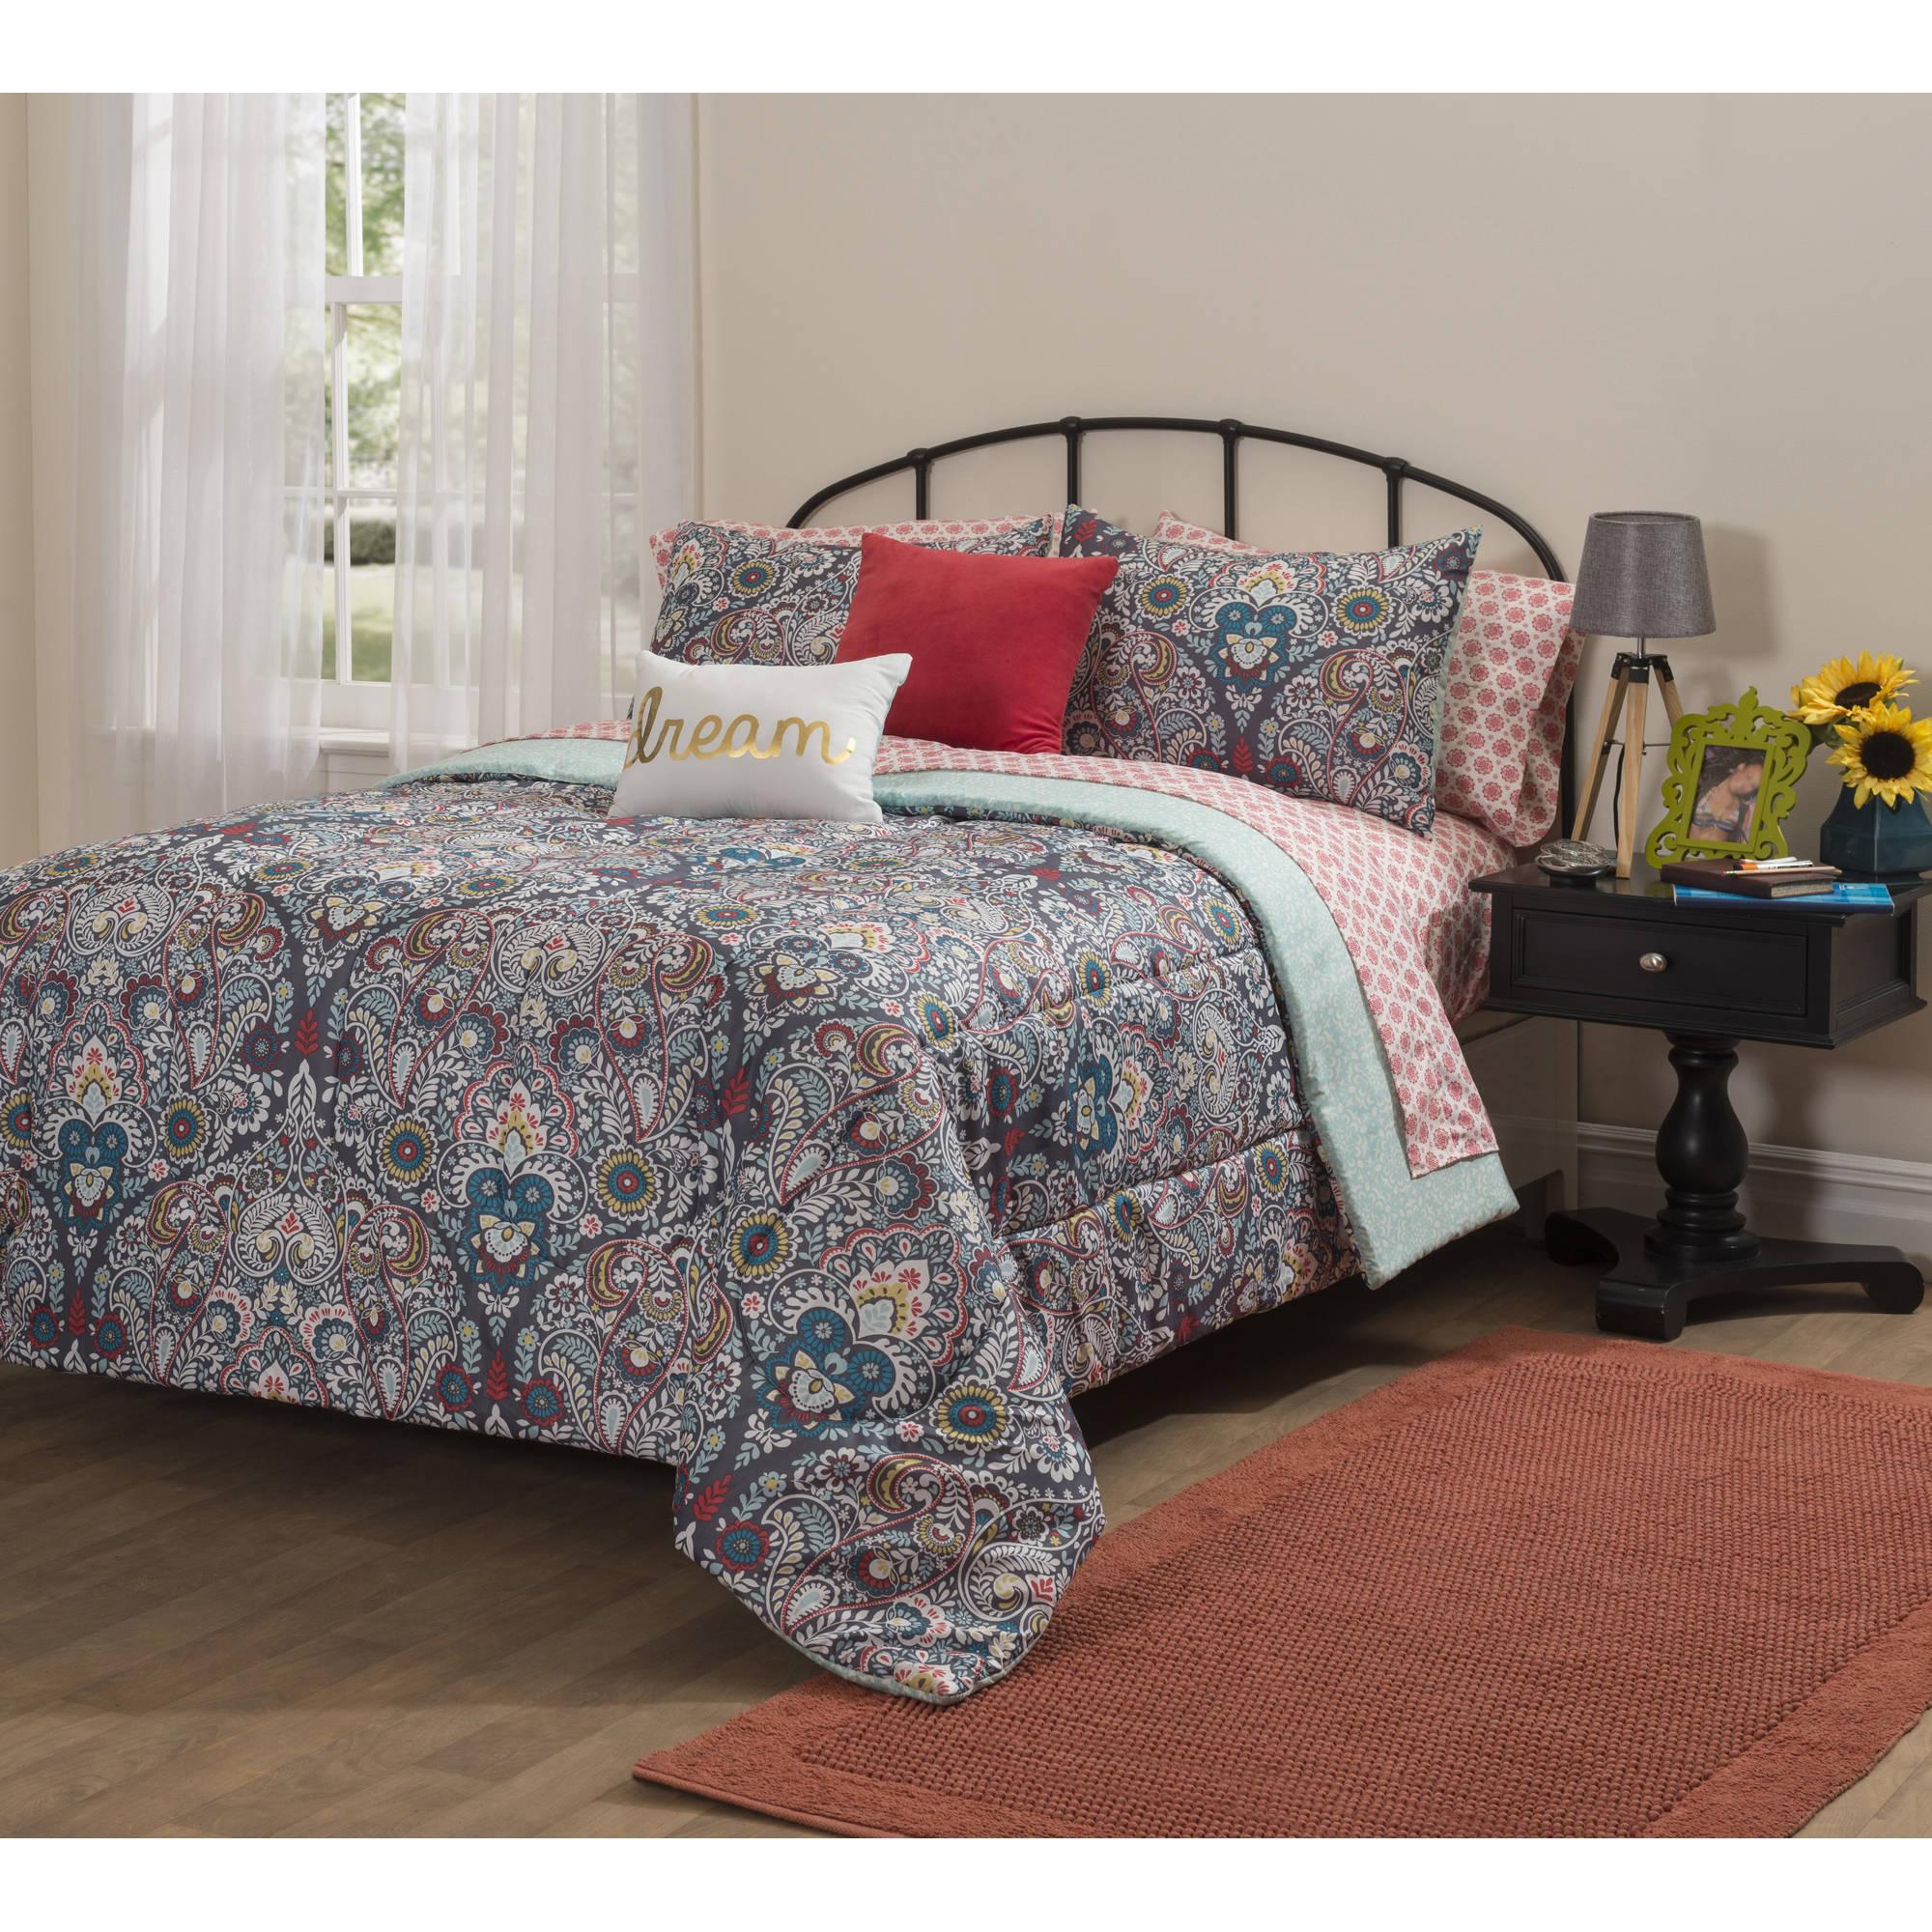 Idea Nuova Formula Camelia Damask Bed in a Bag Bedding Set